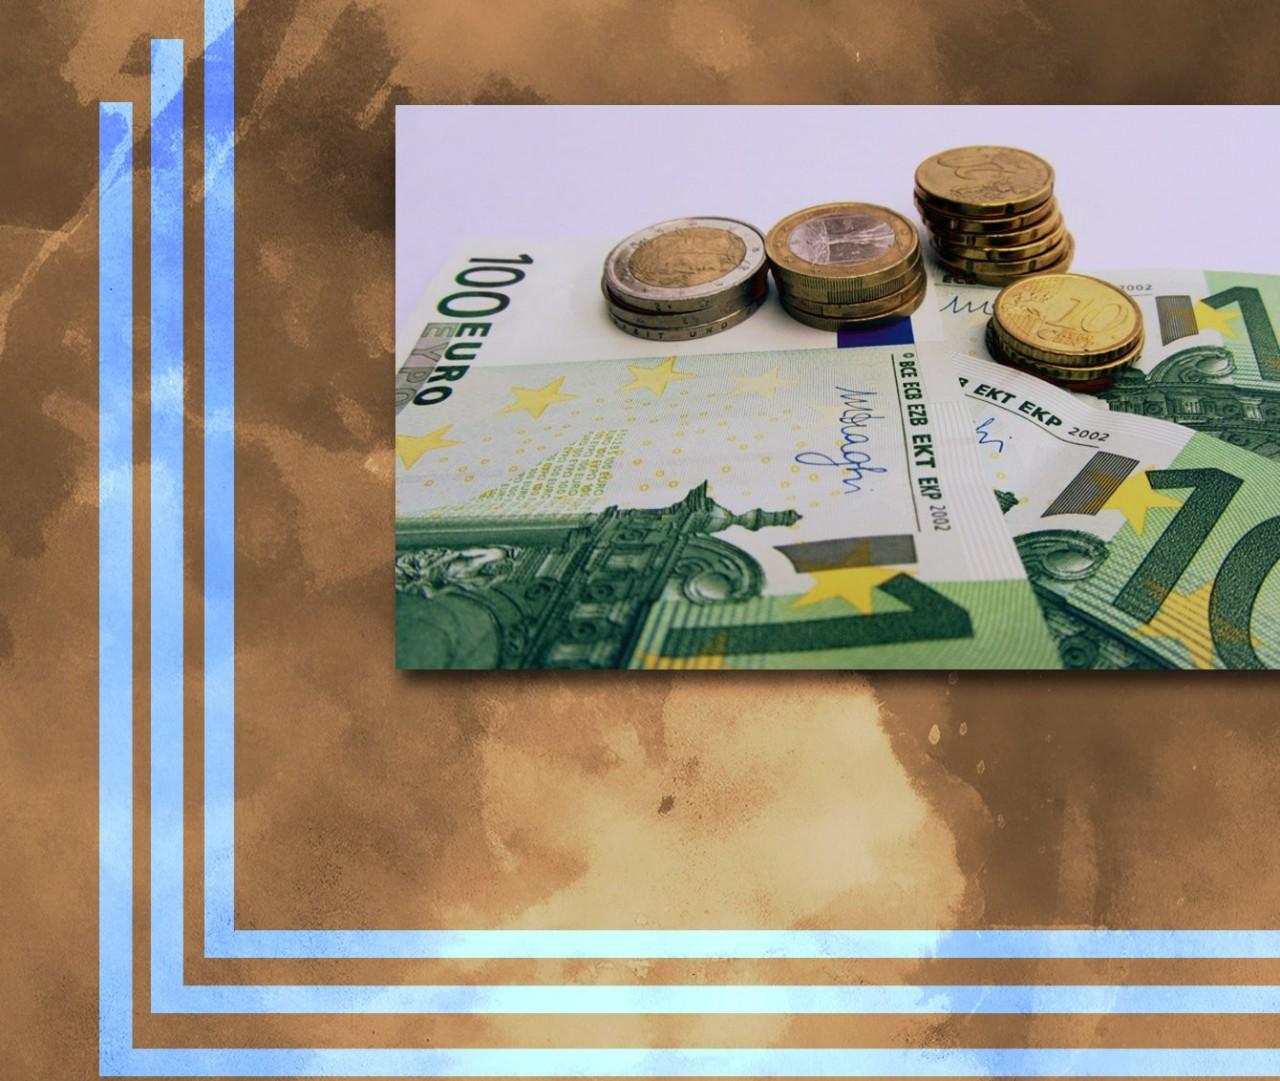 Украинцы отправляются в ЕС на заработки, но становятся жертвами мошенников